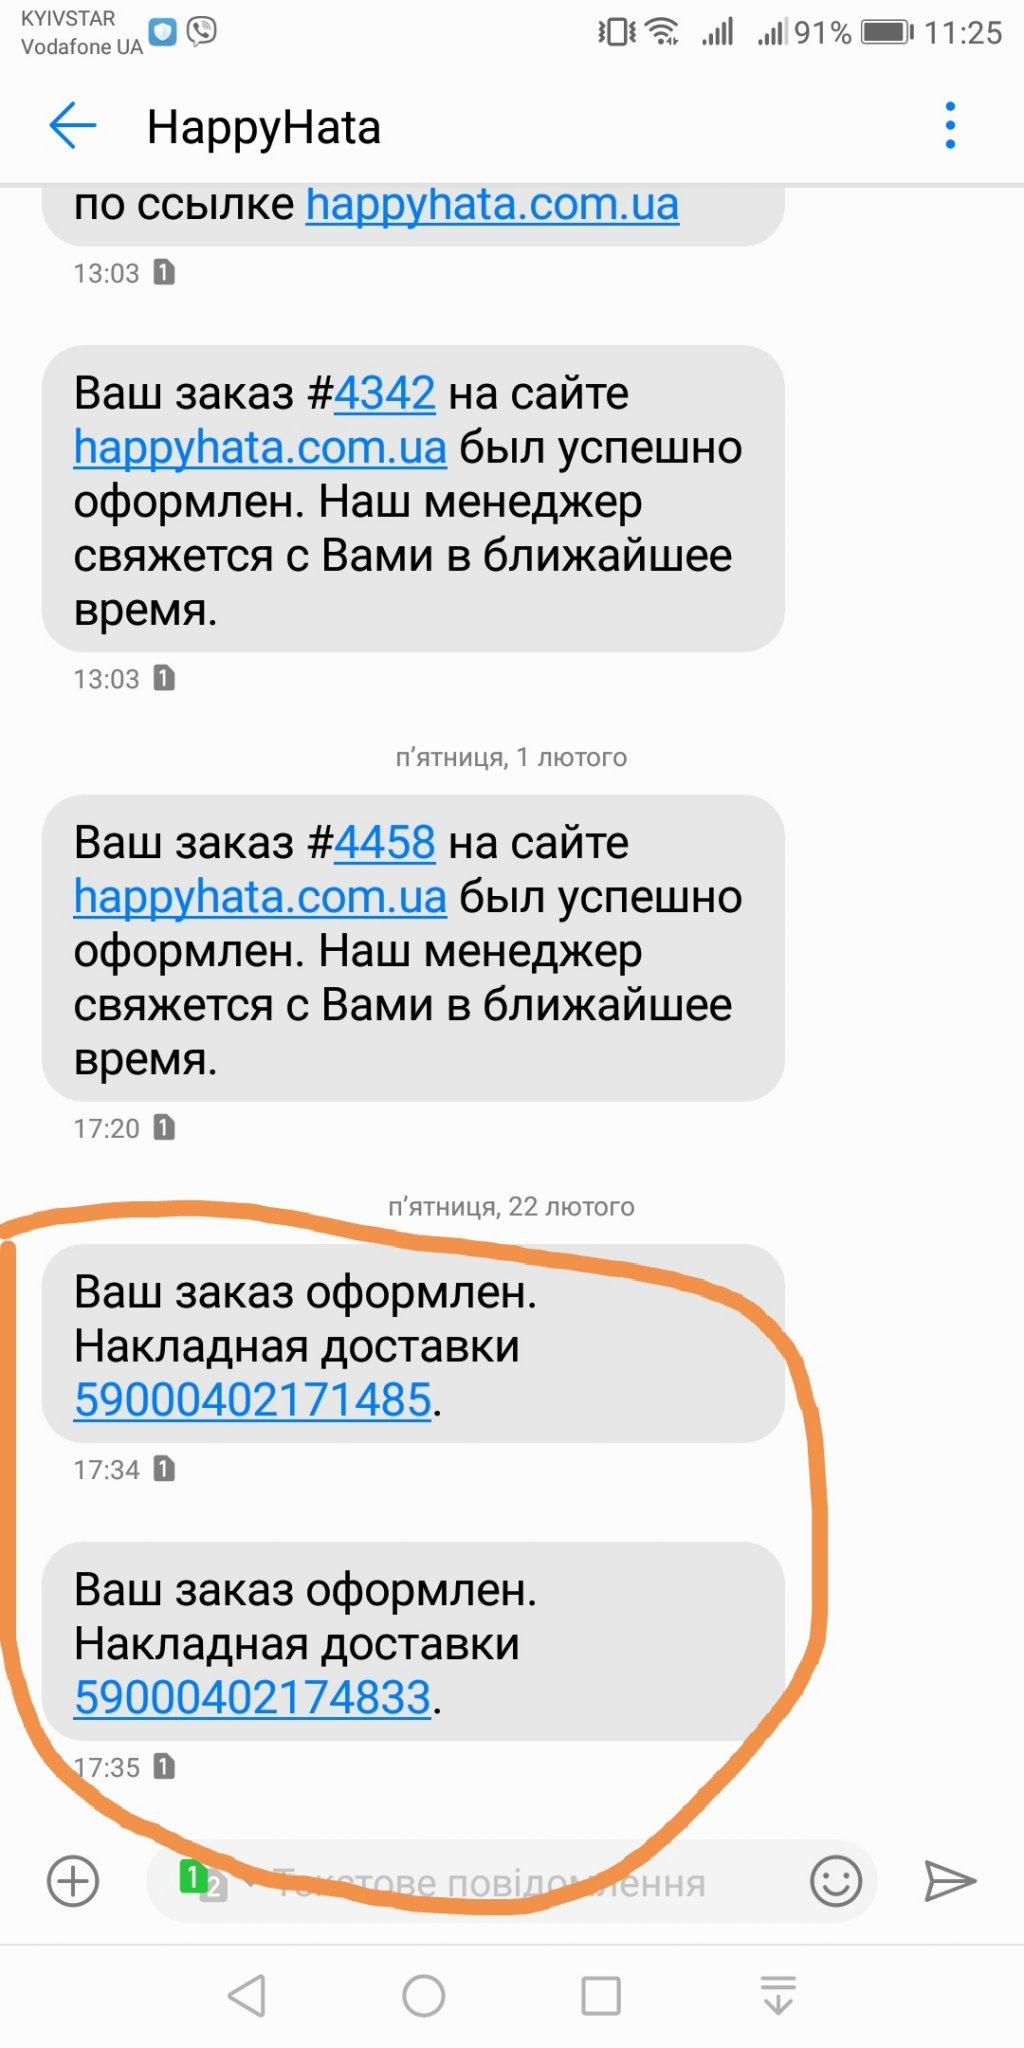 happyhata.com.ua интернет-магазин - Товар отримала